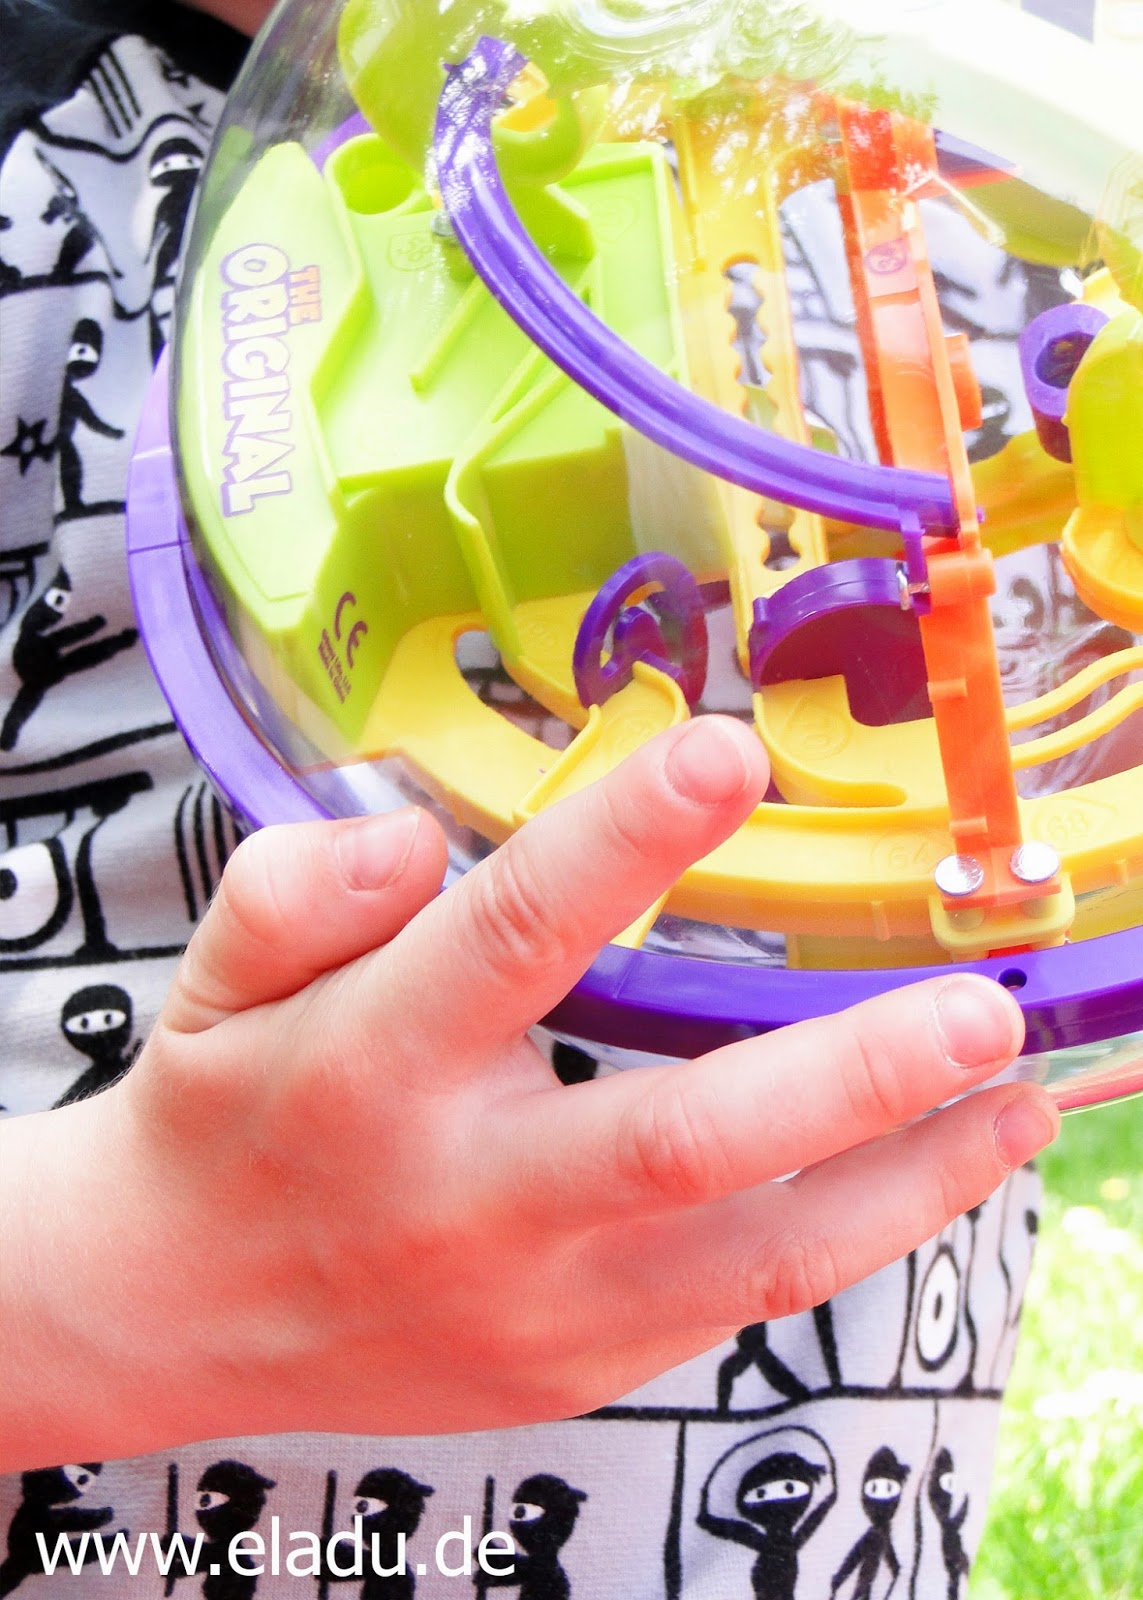 Eladu spielzeugtipp ein spielzeug für regen sonne und